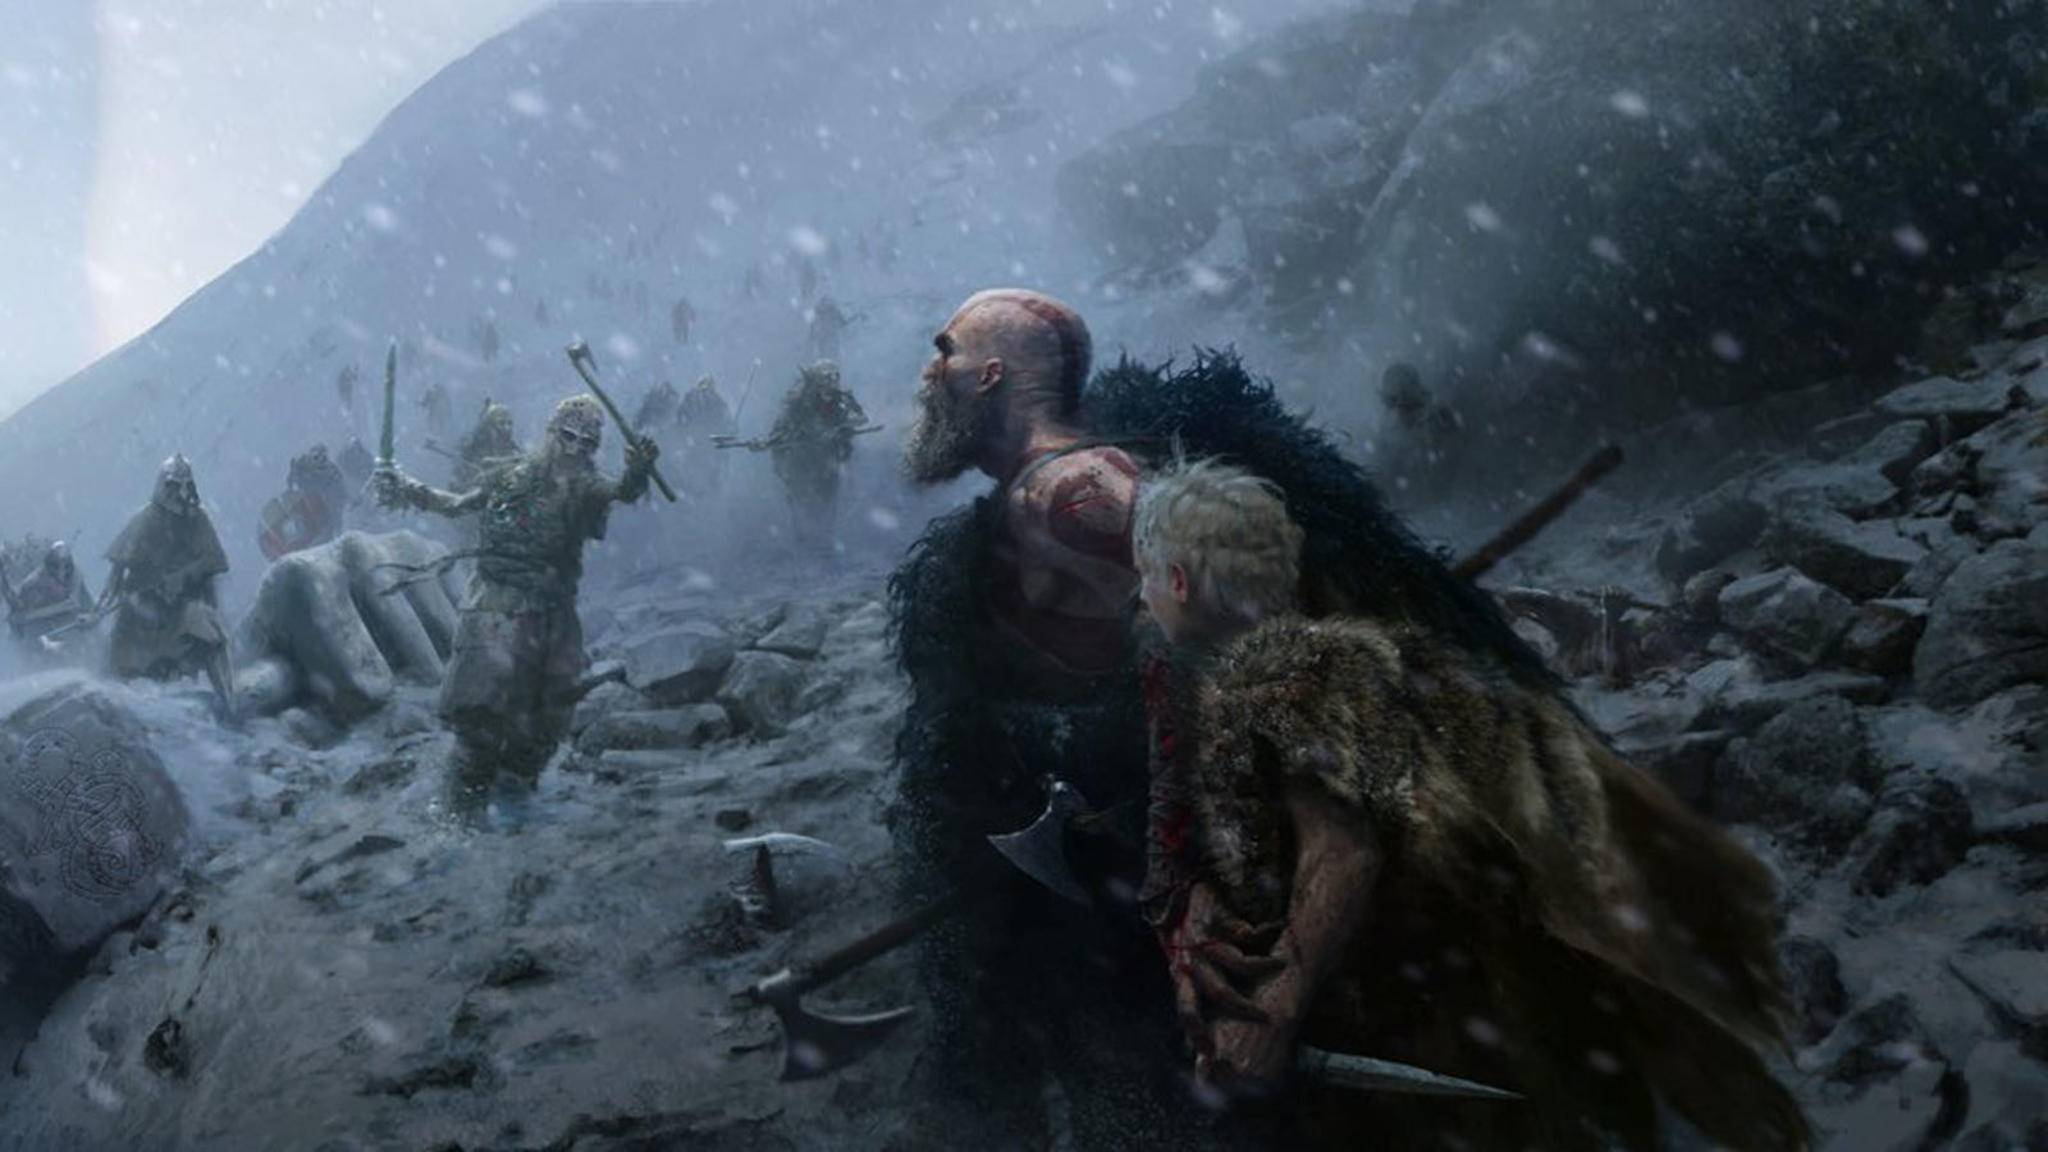 Kratos und Sohn kämpfen im hohen Norden zwischen Eis und Schnee.